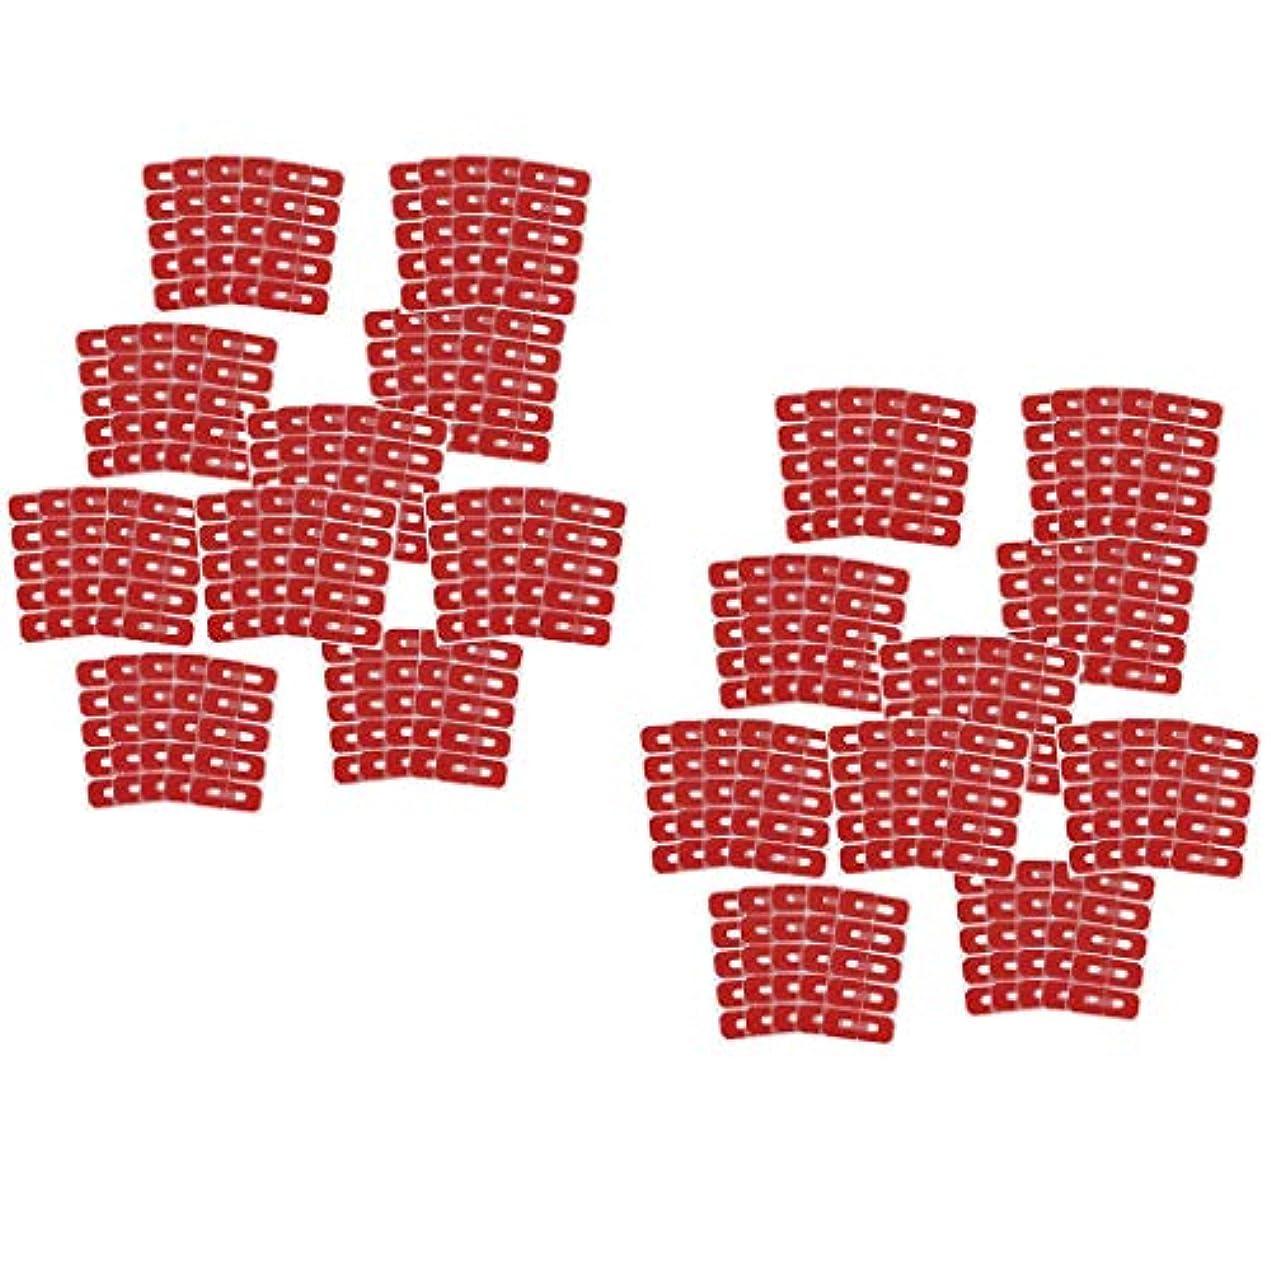 Sharplace ネイルアート マニキュア ネイルカバー ステッカー ステッカー カバー こぼれ防止